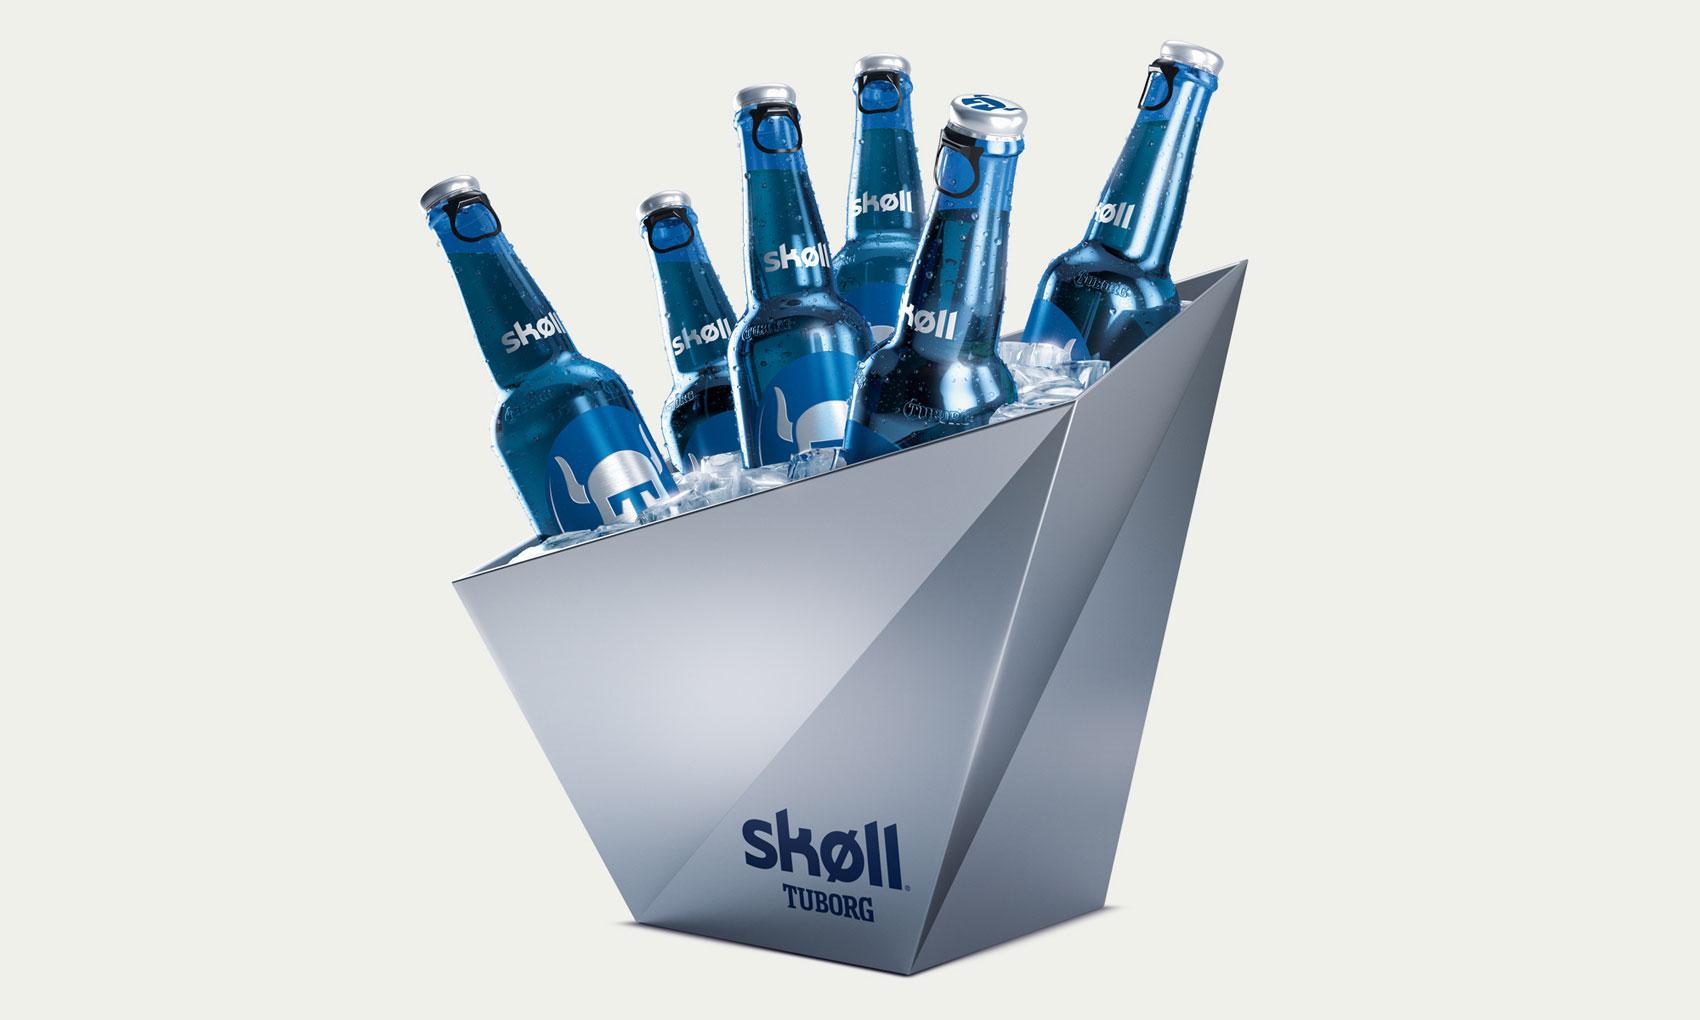 vasque-skoll-2